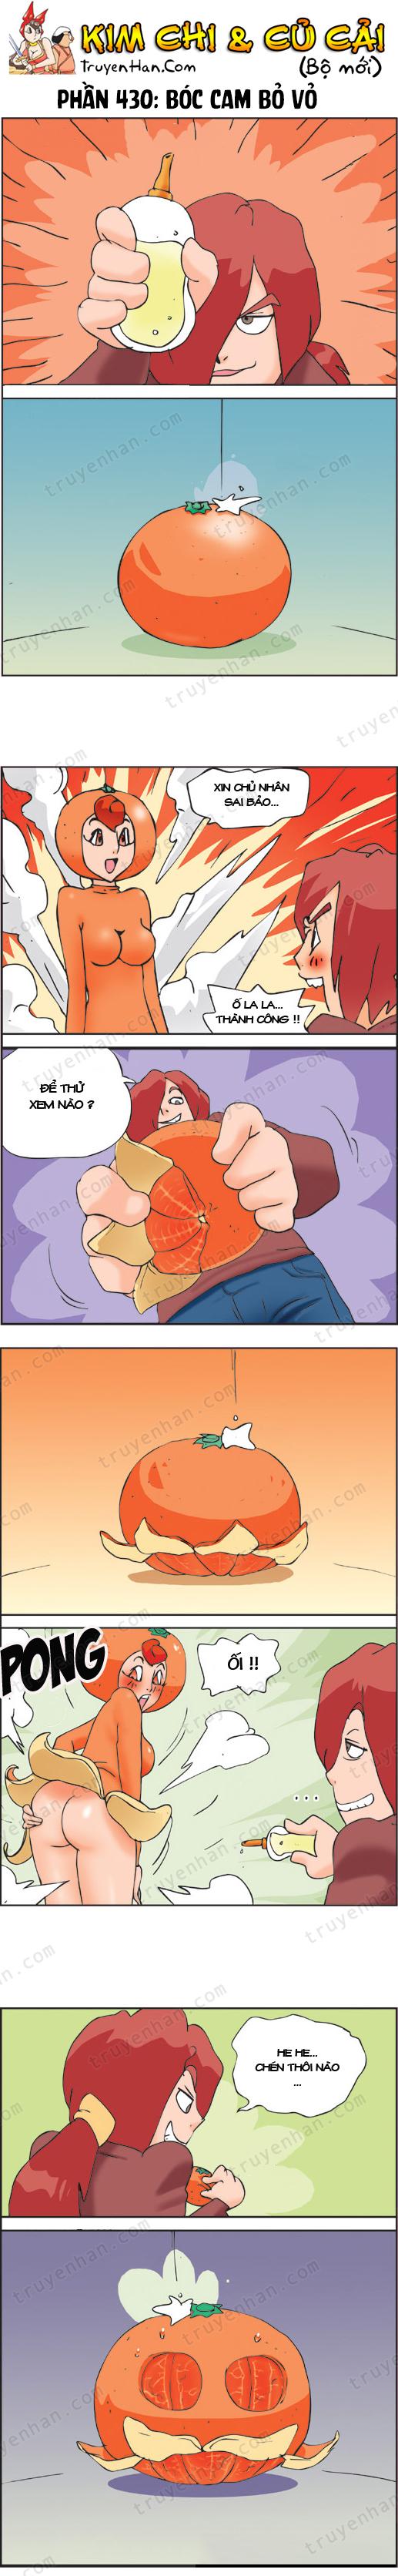 Kim Chi Và Củ Cải phần 430: Bóc cam bỏ vỏ